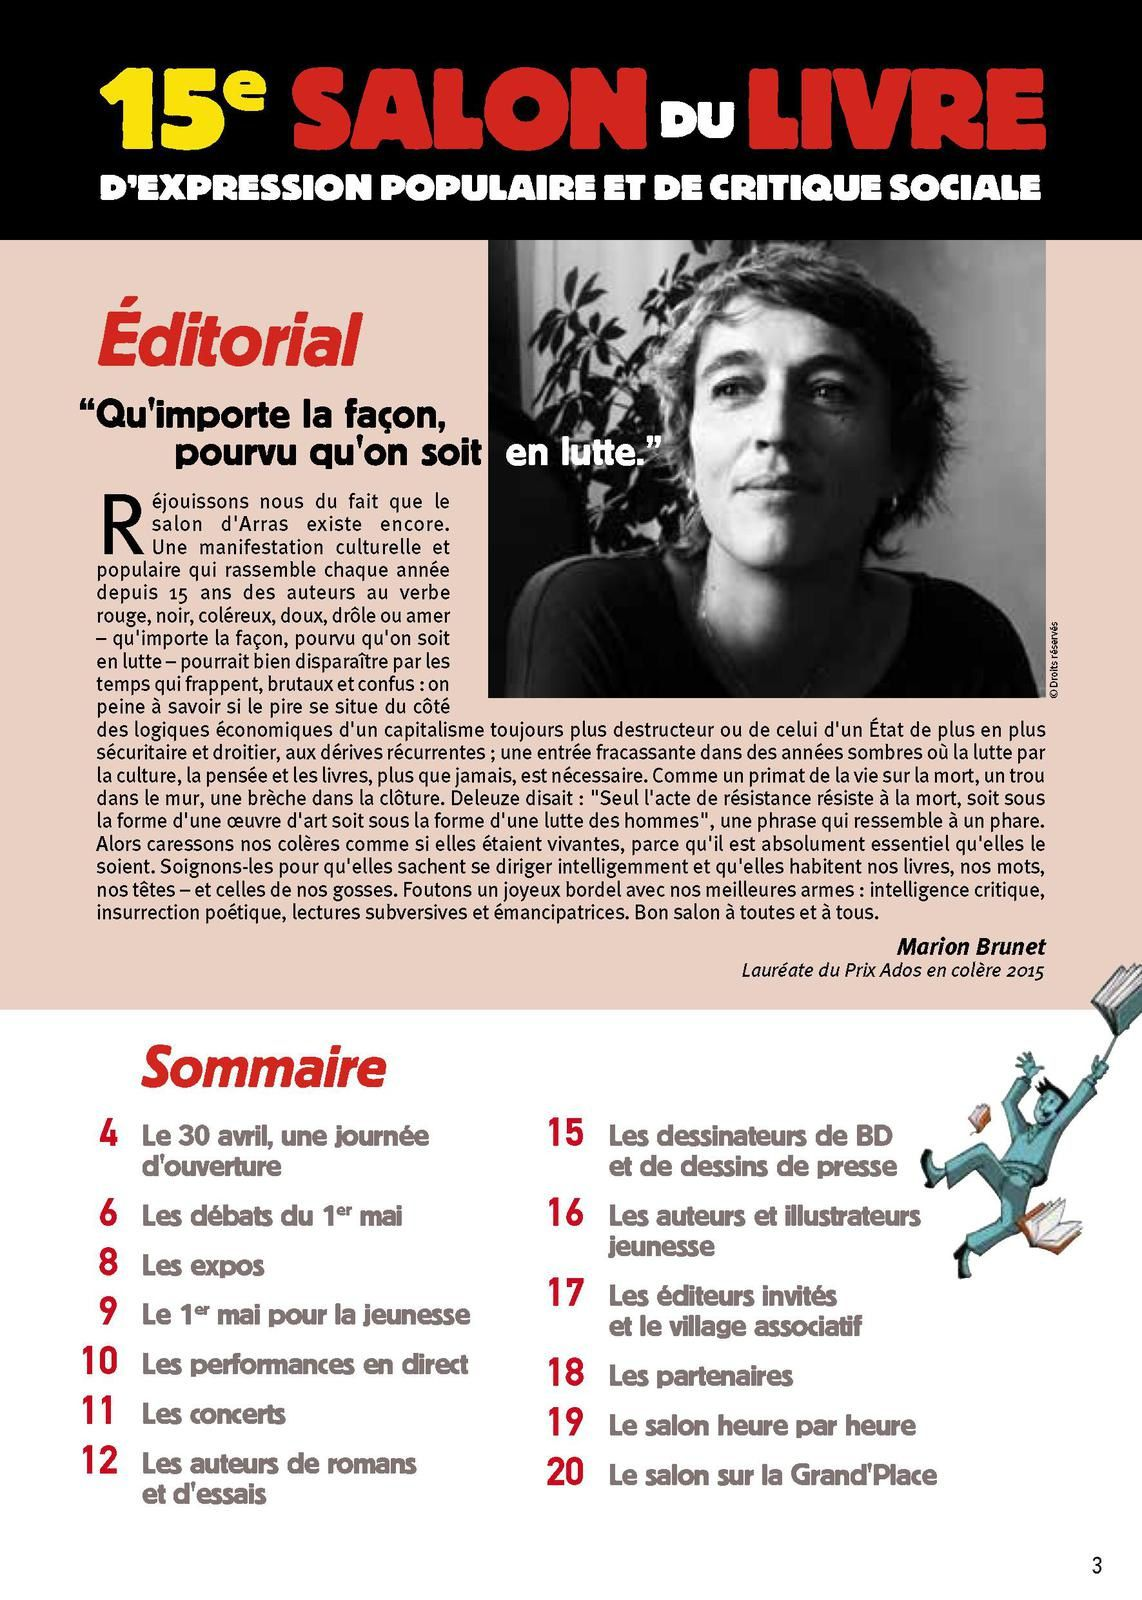 Arras: 15ème Salon du livre d'expression populaire et de critique sociale